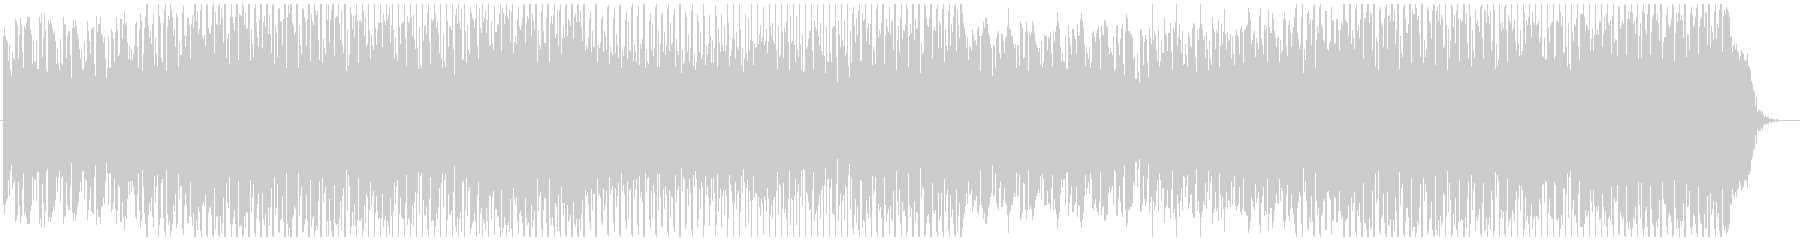 ポップ テクノ 移動 電気ピアノ ...の未再生の波形